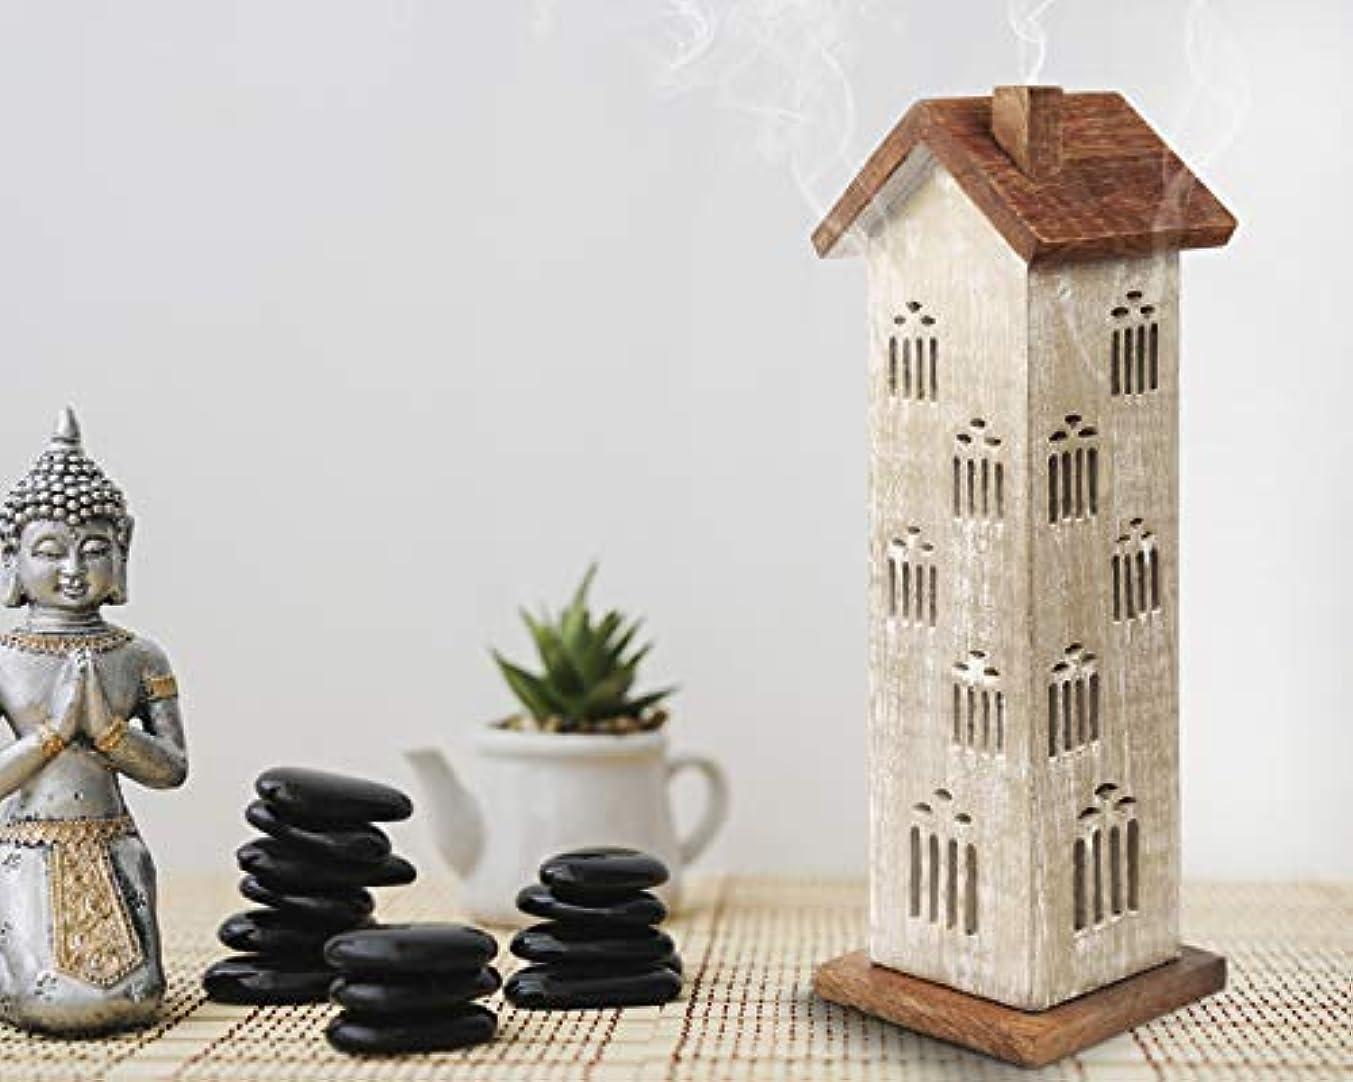 課税勇者まぶしさstoreindya 感謝祭ギフト 木製タワーハウスお香ホルダー アッシュキャッチャー付き 装飾的 無料 オーガニックお香3本